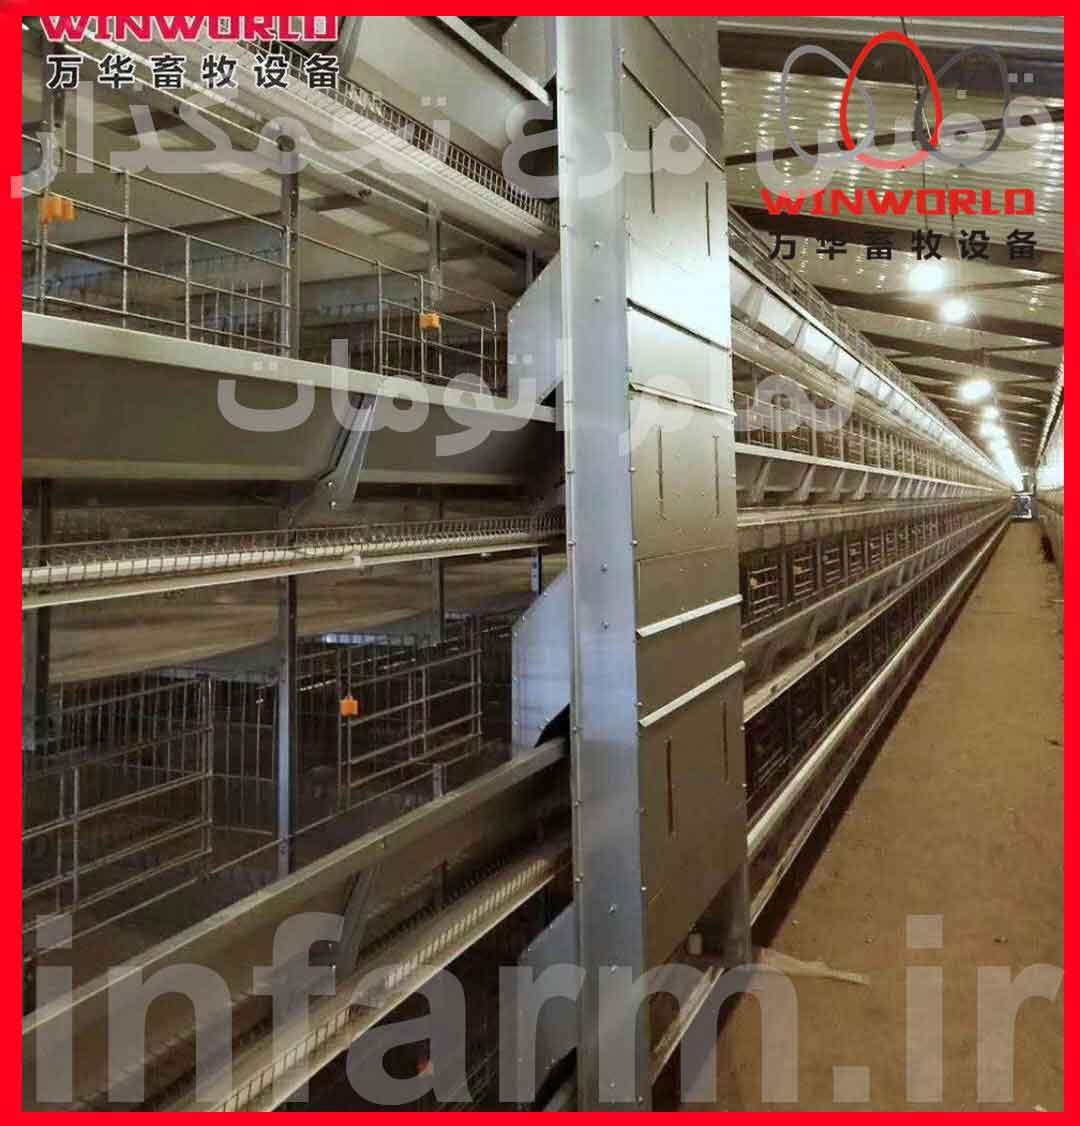 جدول مشخصات قفس مرغ تخمگذار تمام اتوماتیک، کمک به خرید بهتر قفس مرغ تخمگذار